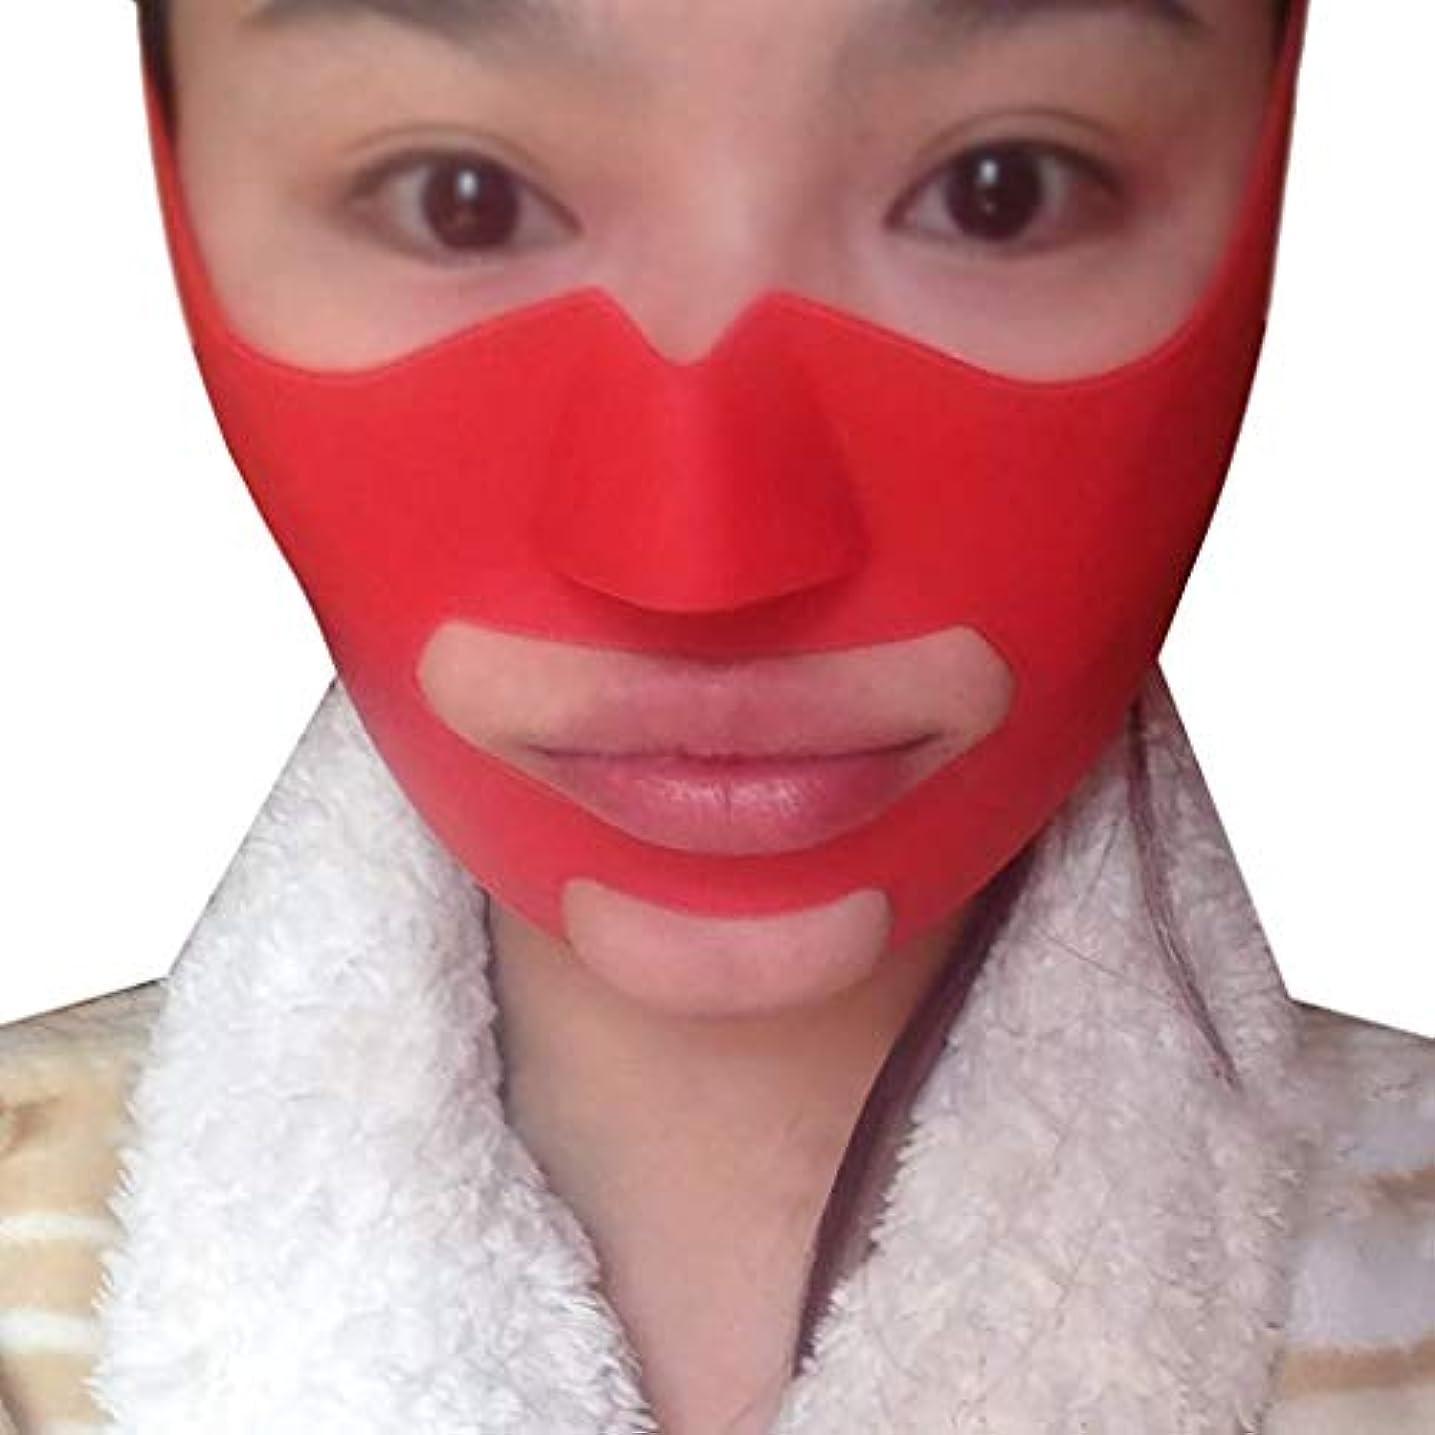 ビスケット織る牛肉フェイスリフトマスク、シリコーンVフェイスマスクフェイスマスク強力な薄い咬筋筋肉を持ち上げるアップルの筋肉パターン布アーティファクト小さなV顔包帯顔と首リフト